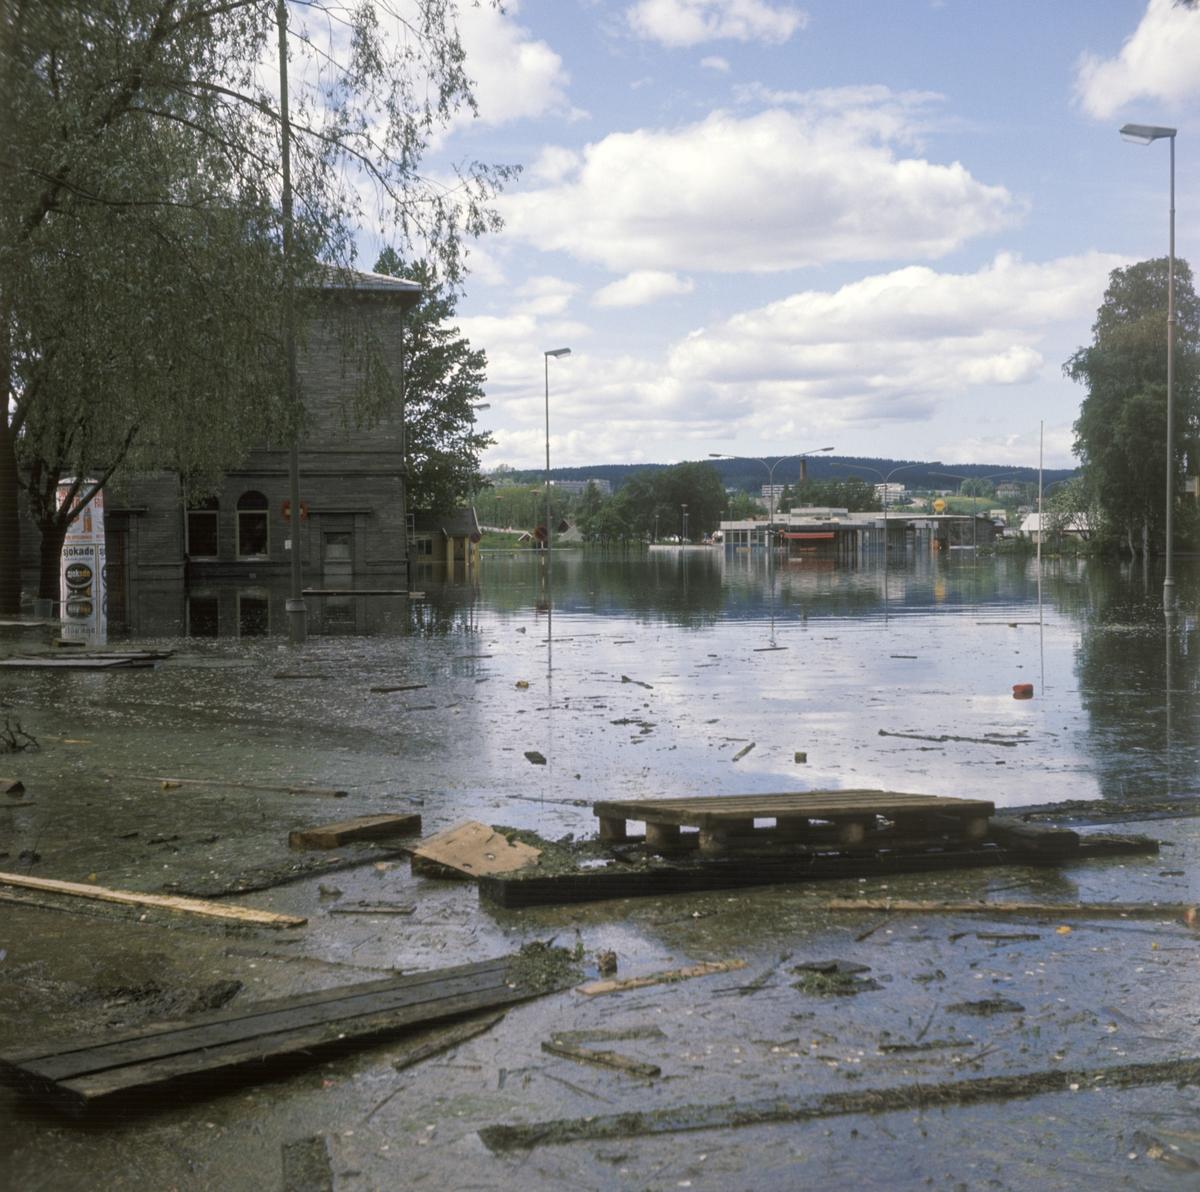 Bilder fra flom i Lillestrøm 1967.Storgata/Jonas Lies gate,  Retning: vest. Stasjonsområde Lillestrøm.